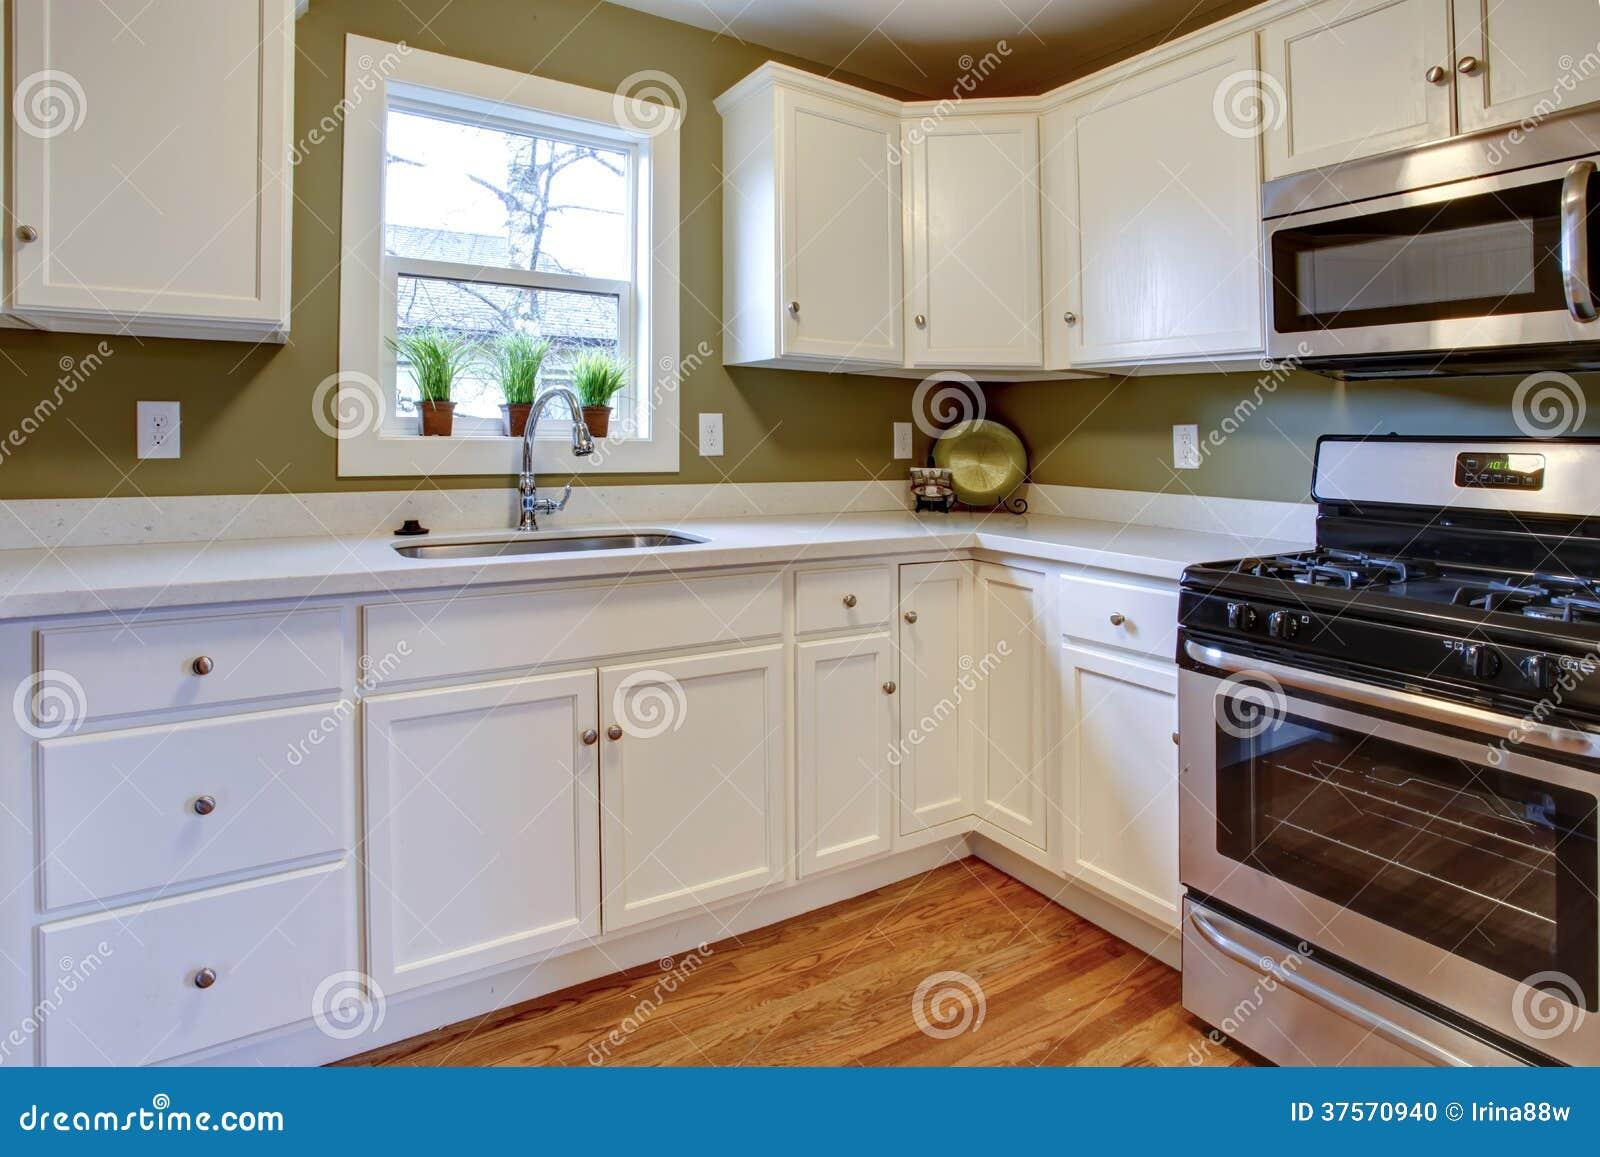 Muebles Cocina Verde Oliva : Sitio brillante blanco y verde oliva de la cocina foto